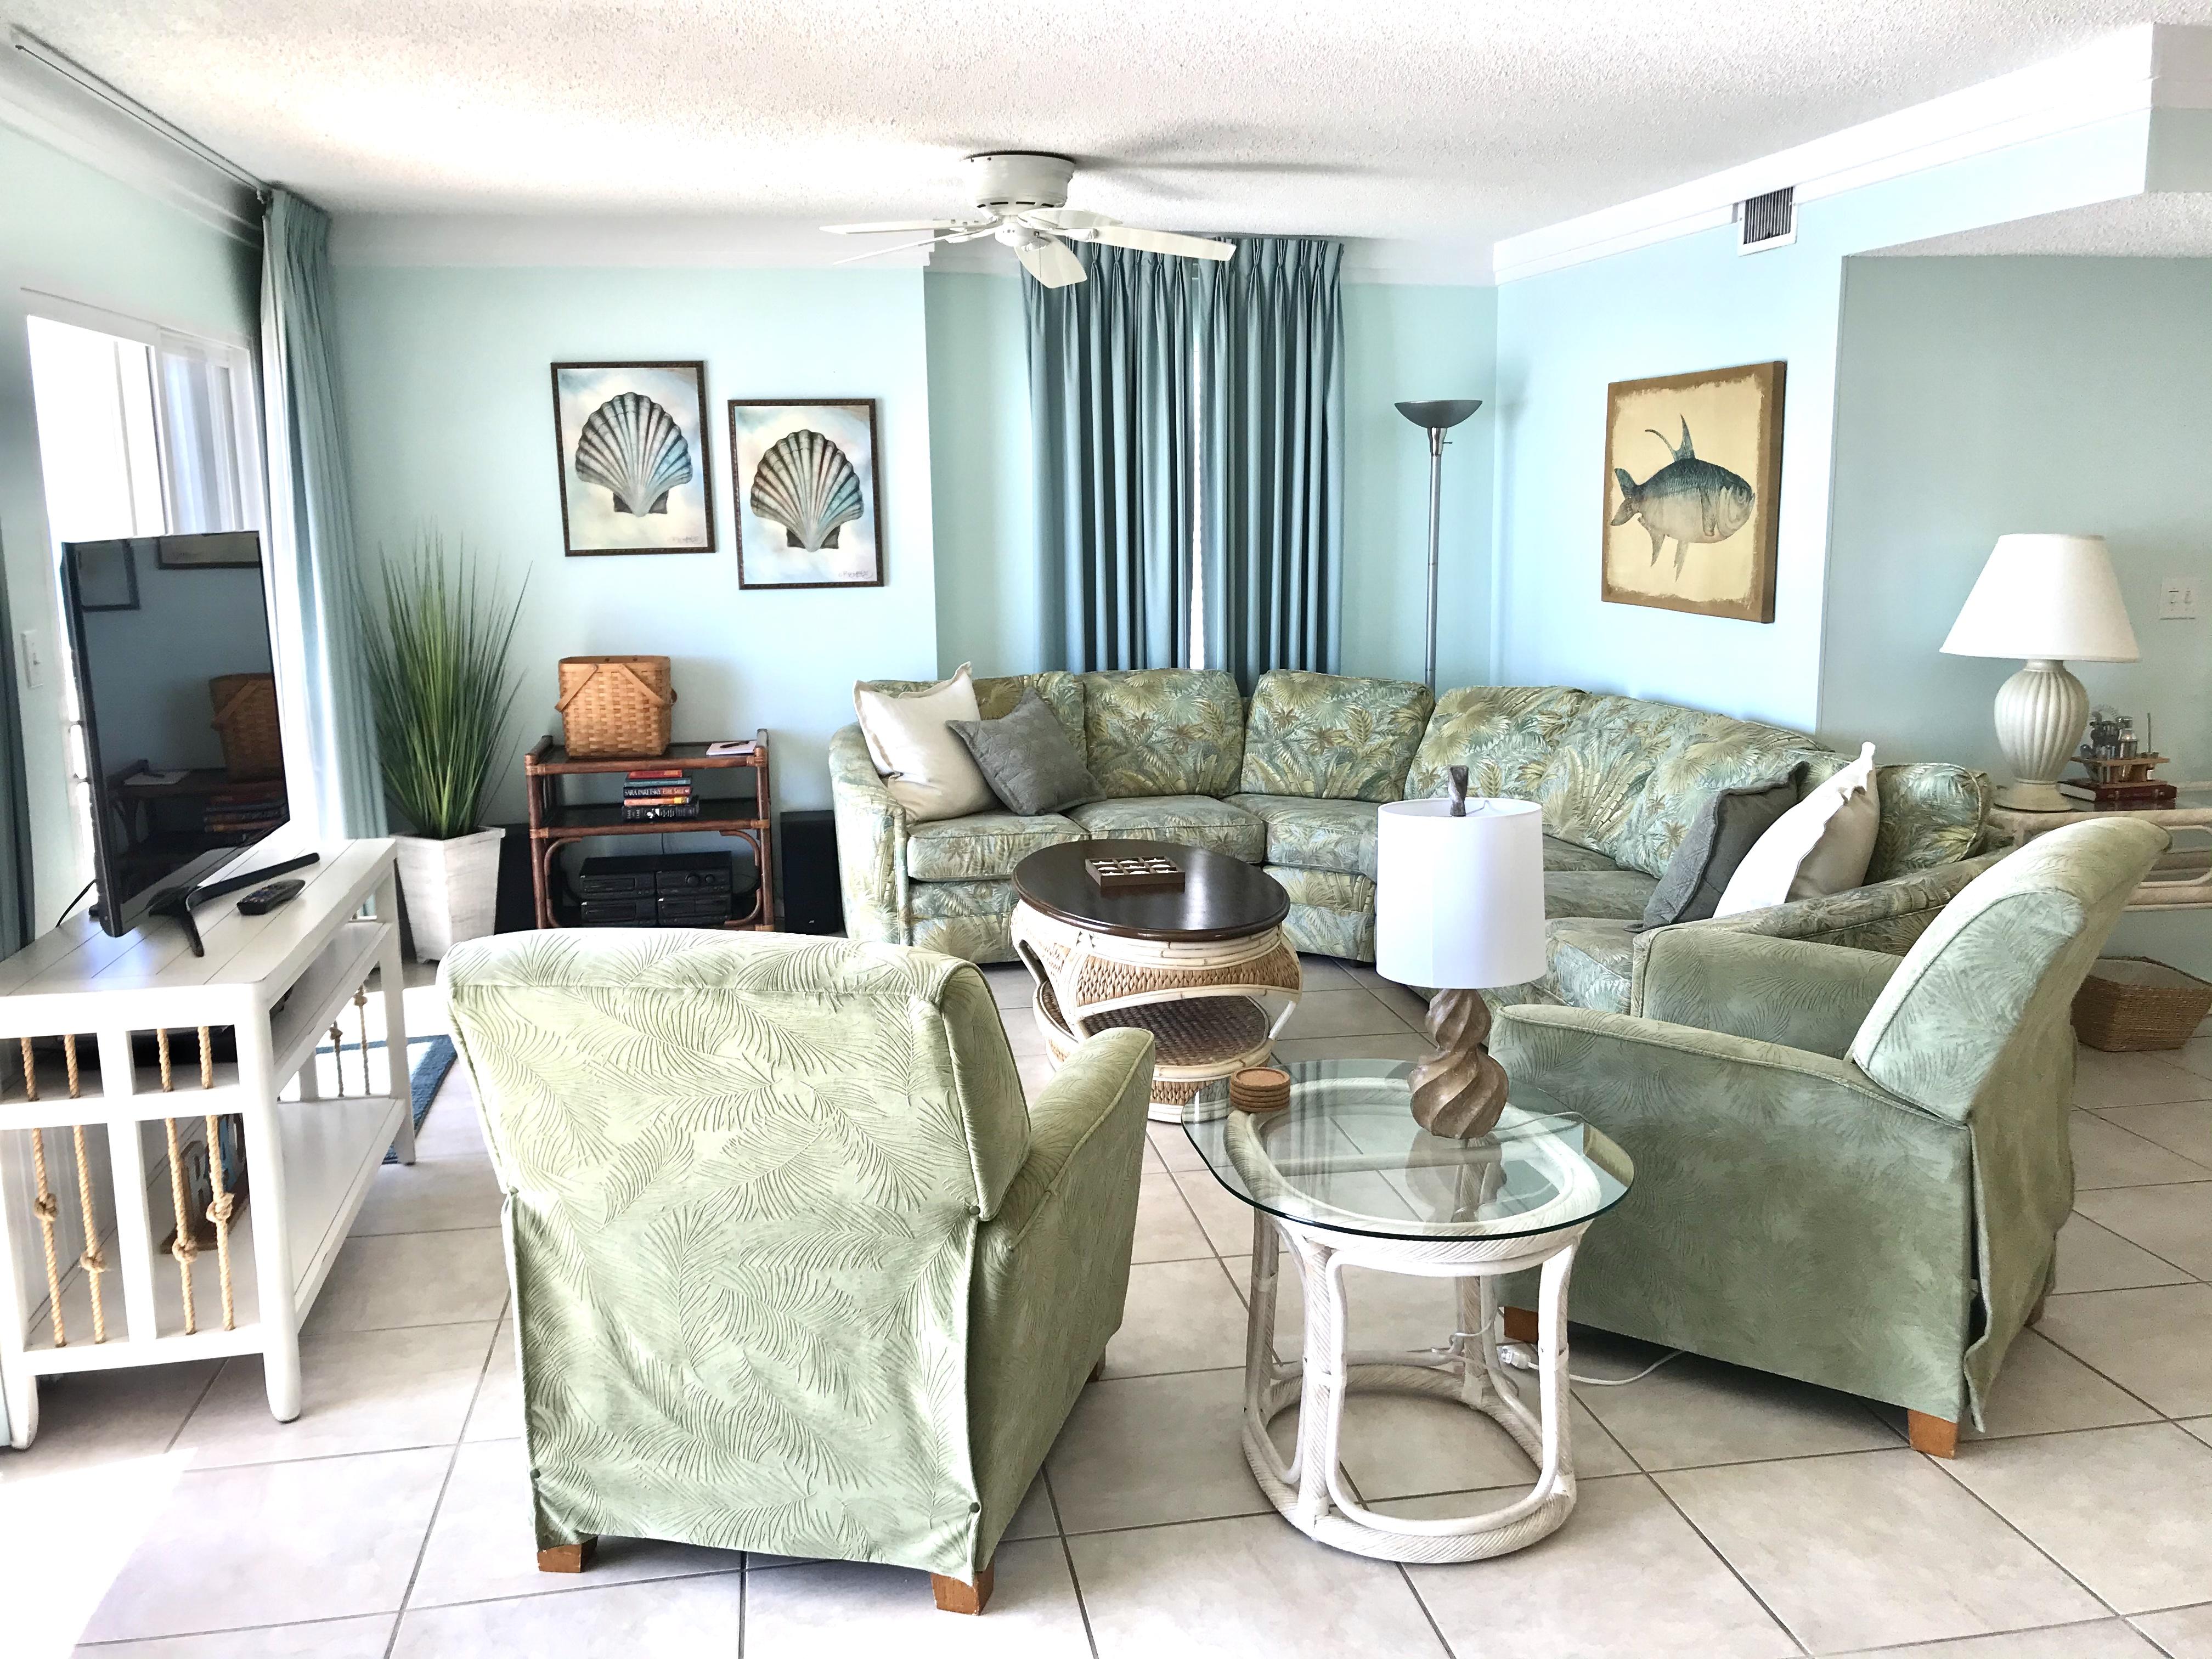 Ocean House 2706 Condo rental in Ocean House - Gulf Shores in Gulf Shores Alabama - #8